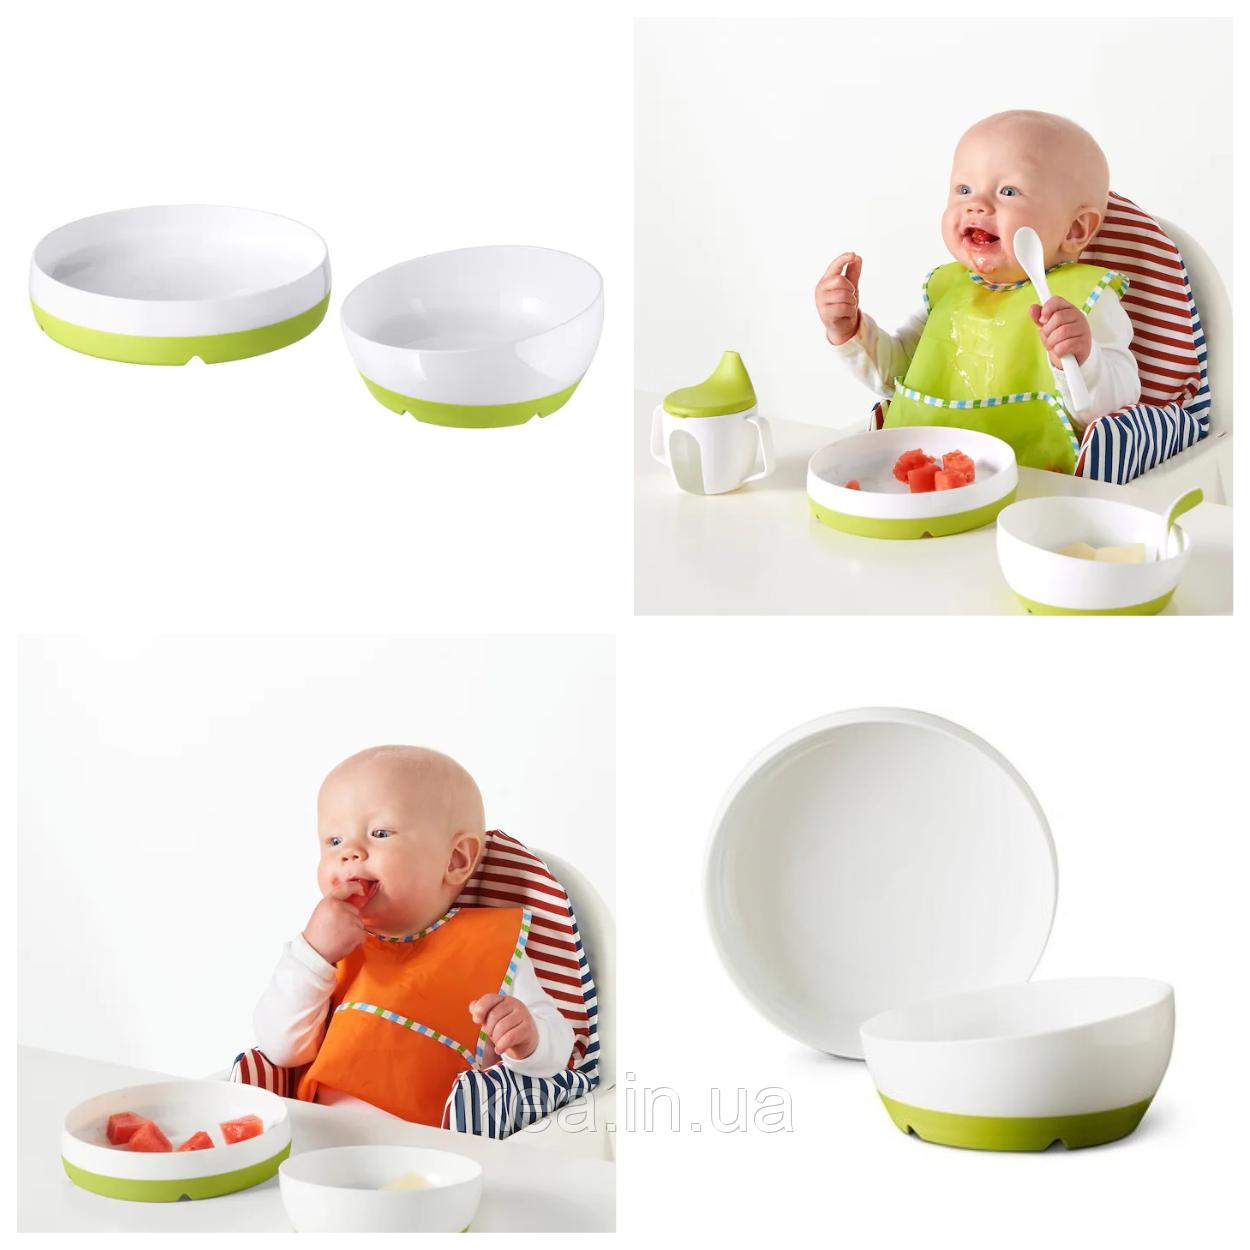 Набор детской пластиковой посуды для кормления малыша IKEA SMÅGLI бело-зелёная тарелка / миска ИКЕА СМОГЛІ